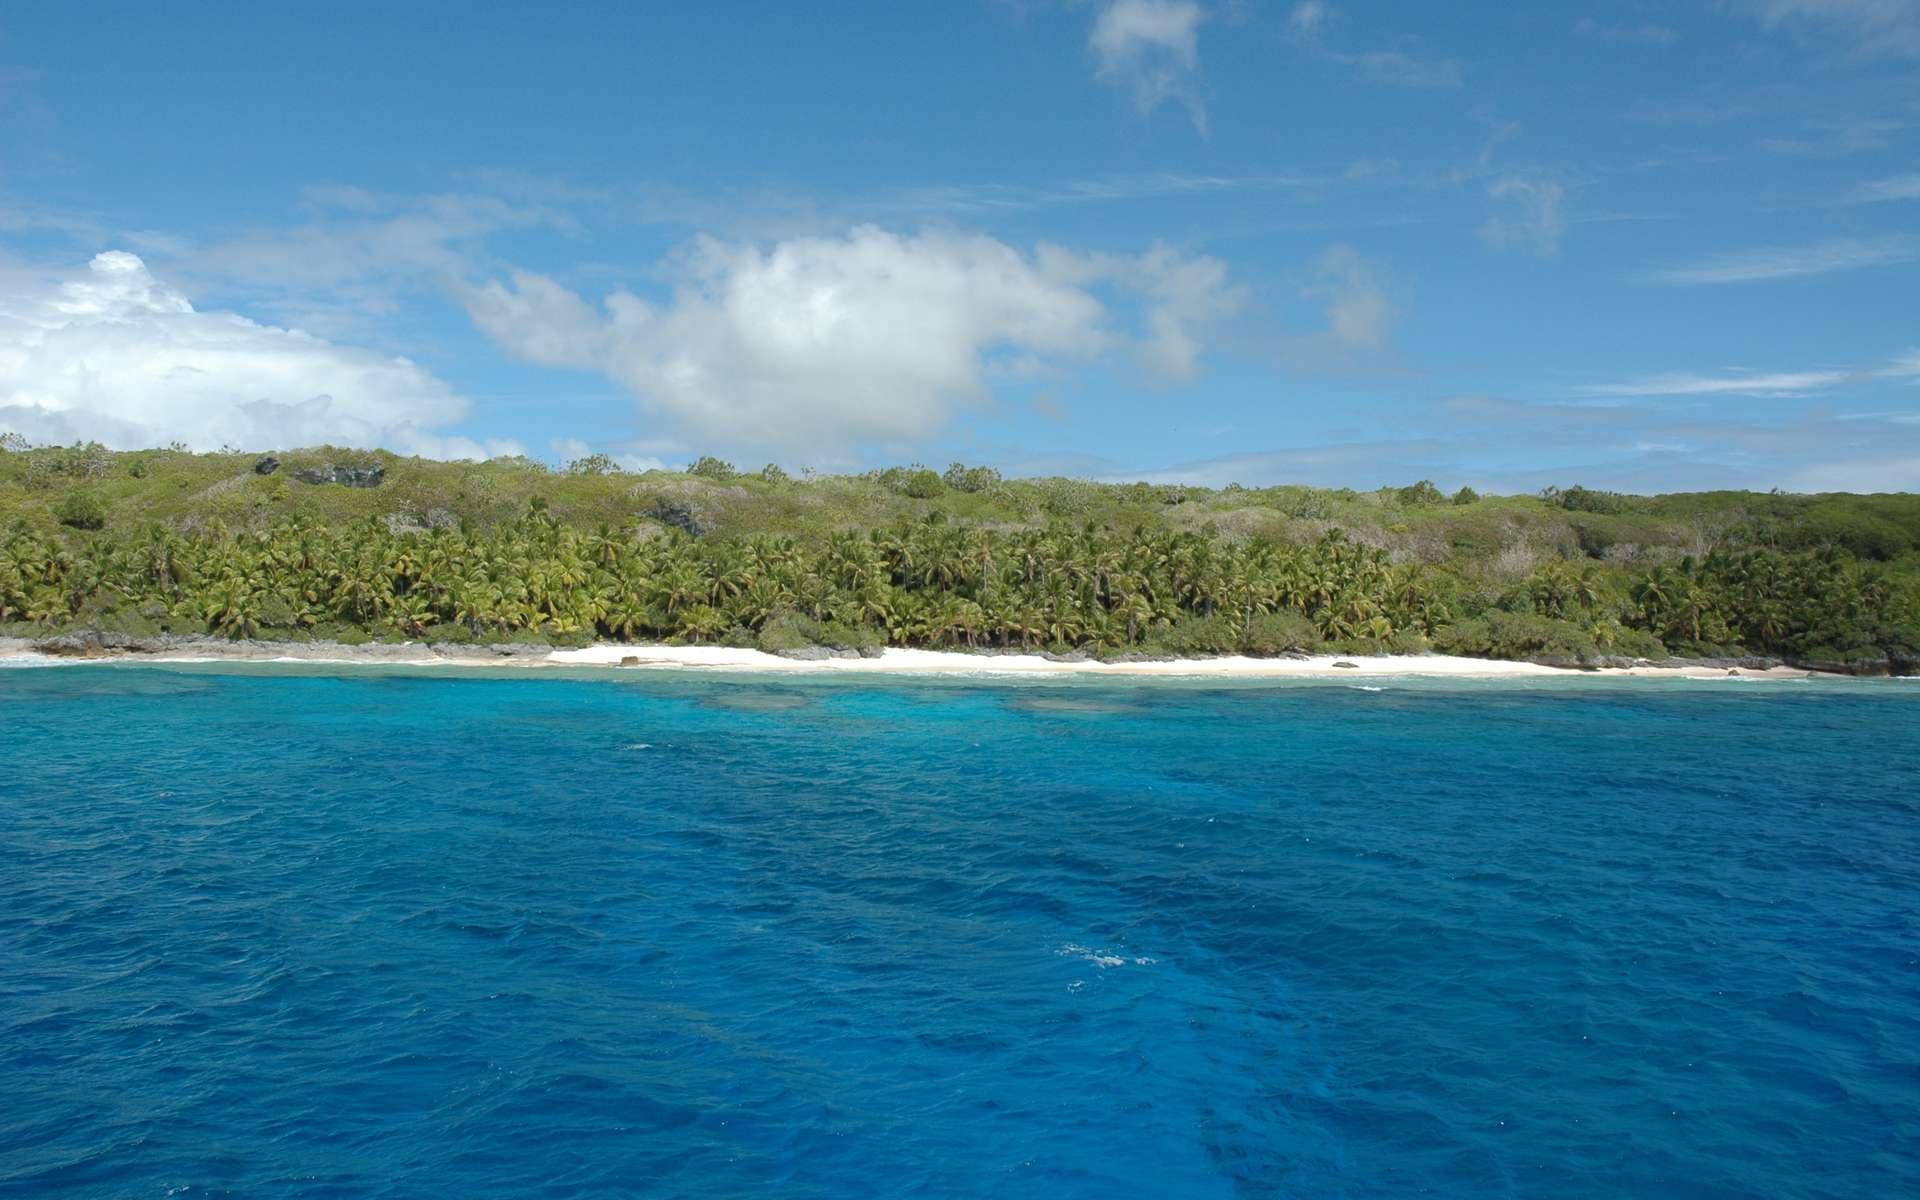 L'île Henderson, là où il n'y avait pas encore de plastique. Plage nord-ouest de l'Île d'Henderson, 2008. © Ron Van Oers, Unesco